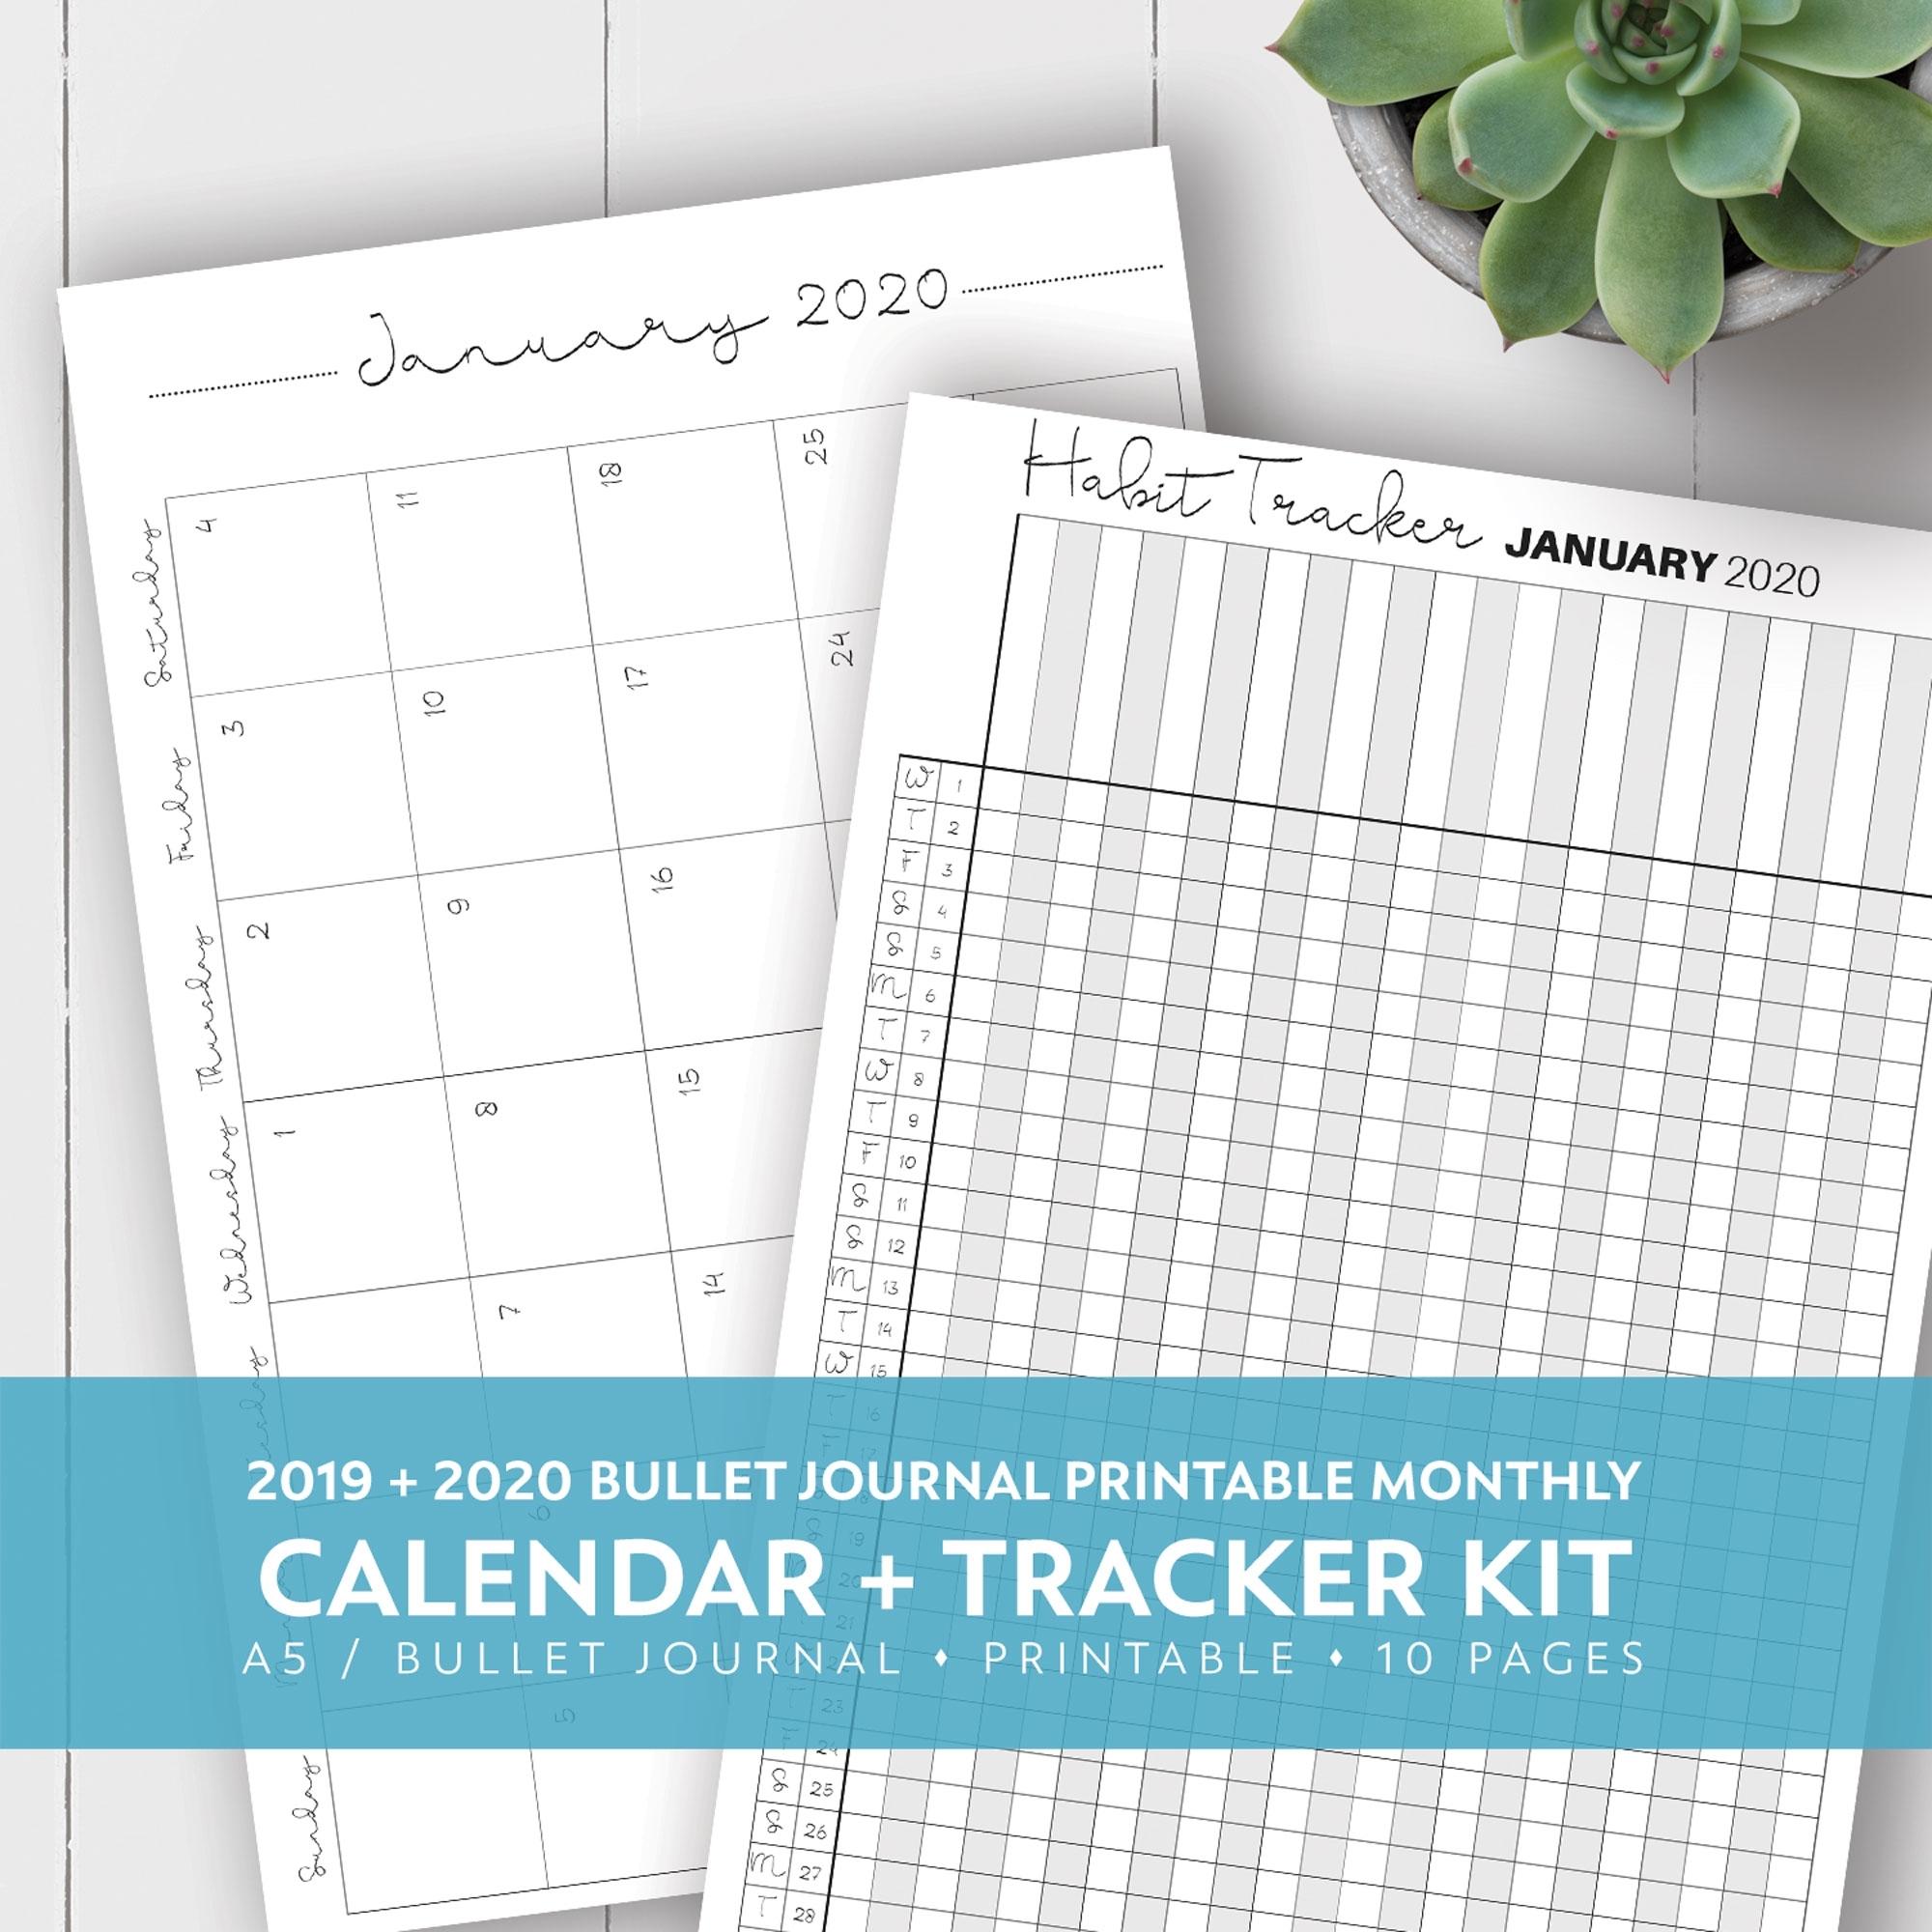 2019 + 2020 Monthly Printable Calendar + Habit Tracker Kit | Laura intended for Printable 8.5 X 11 2020 Calendar